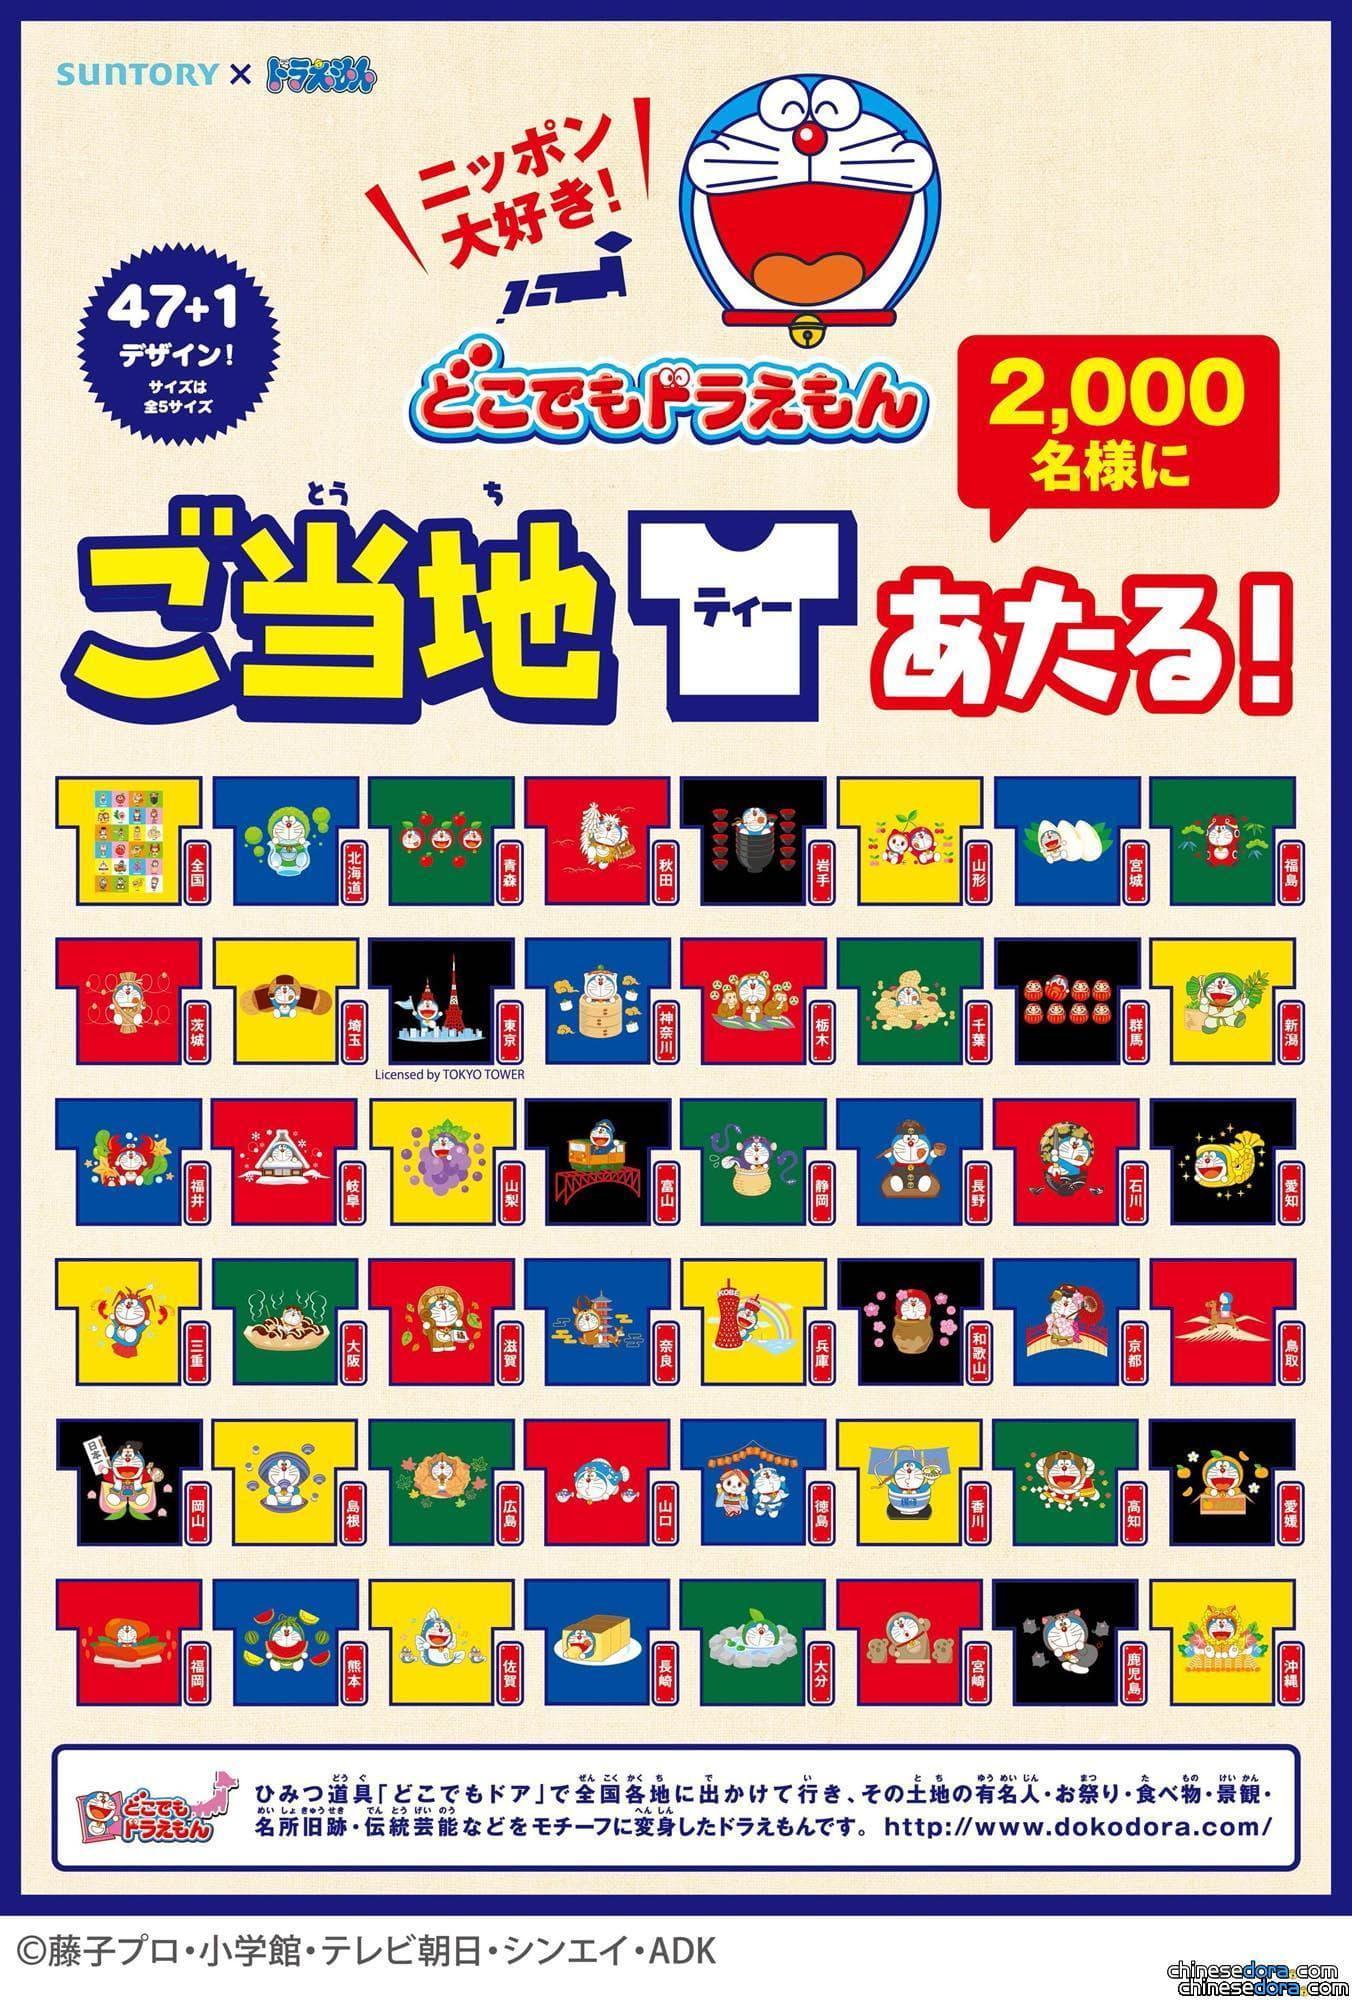 [日本] 地方特色與哆啦A夢結合! 買飲料送「到處都是哆啦A夢T恤」